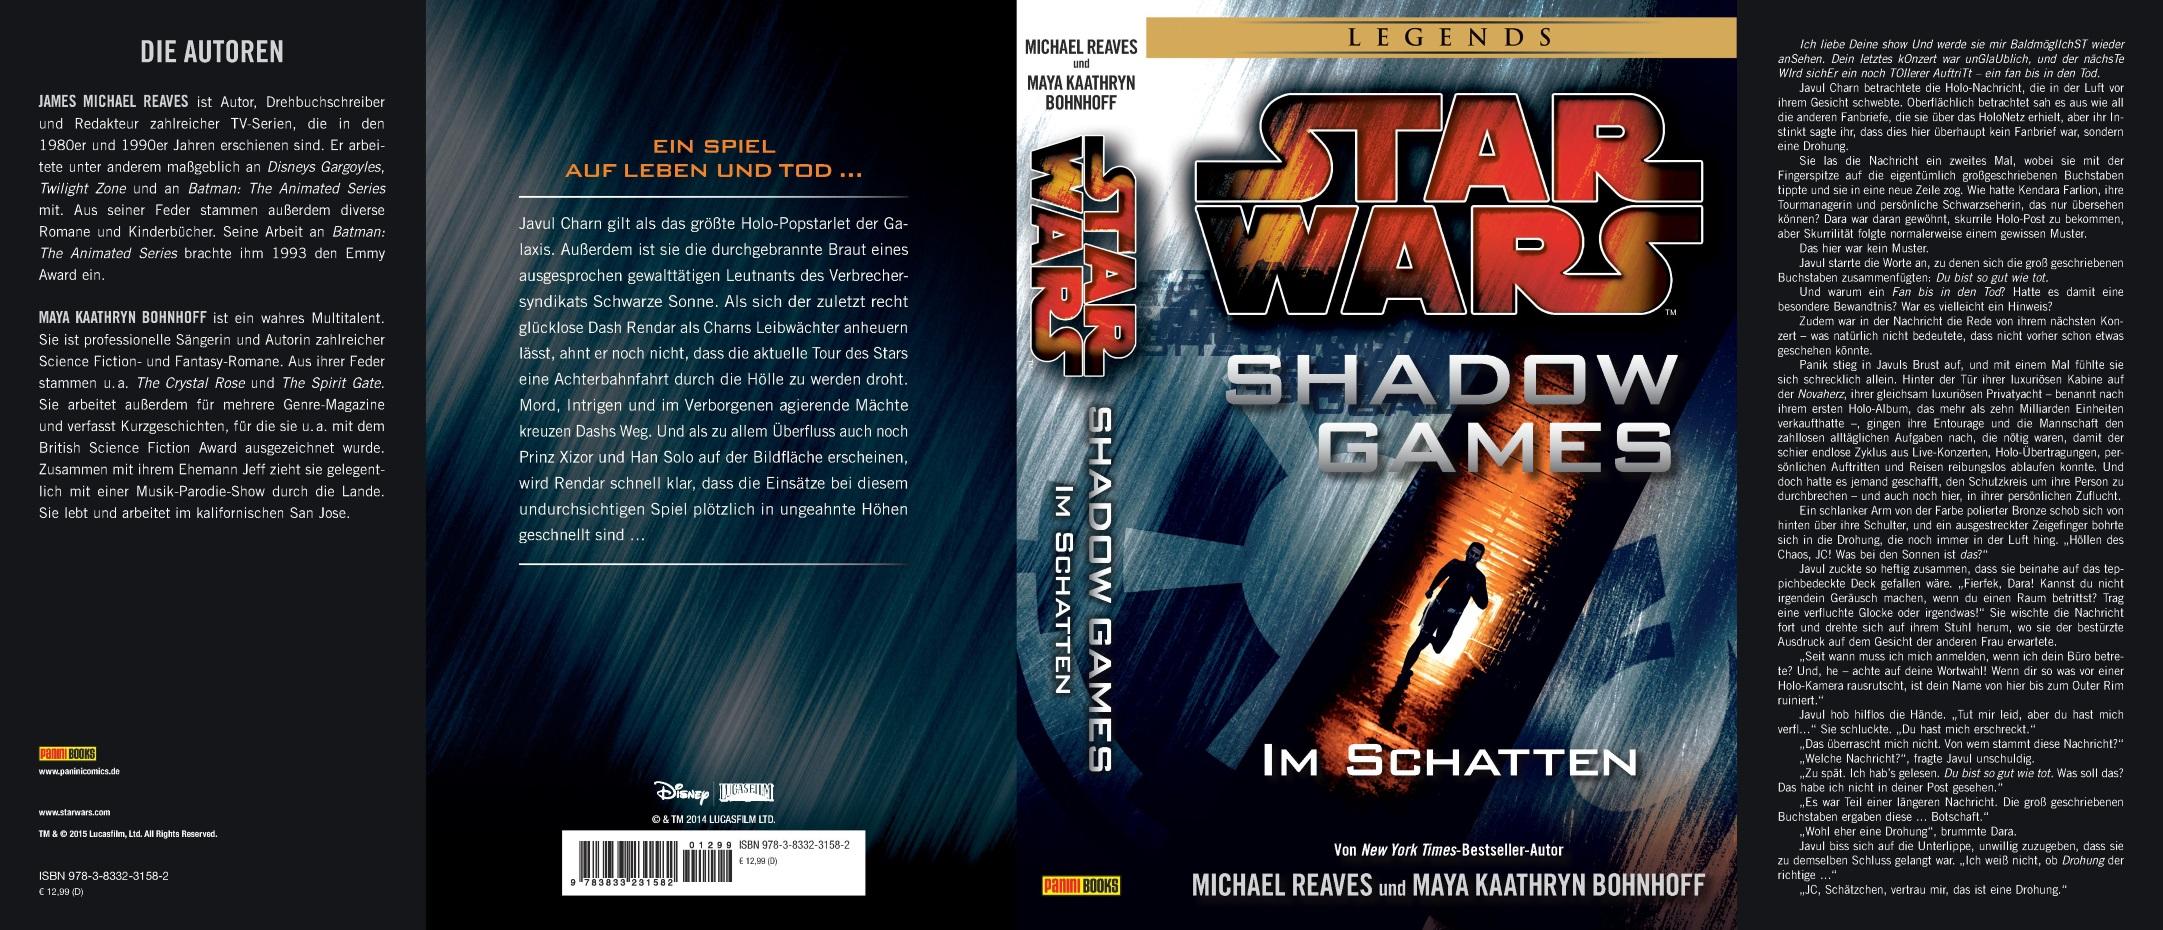 Shadow Games - Im Schatten (Umschlag)